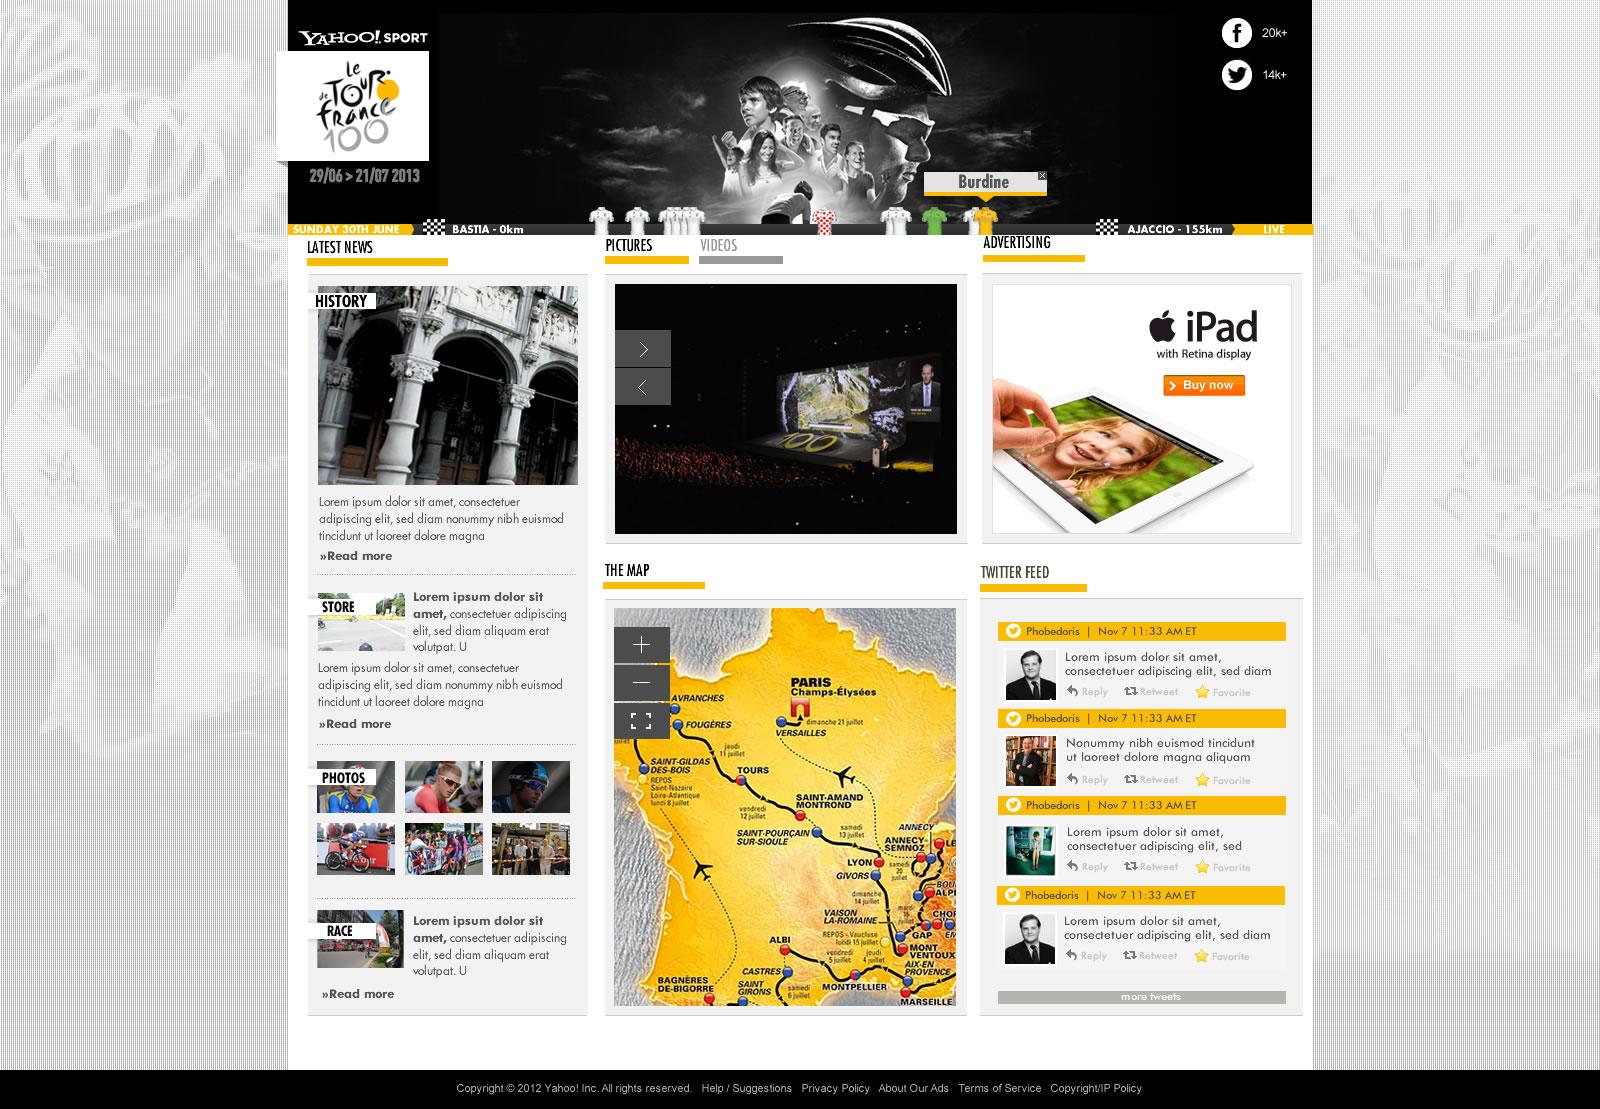 tourDeFrance-dashboard-basic.jpg